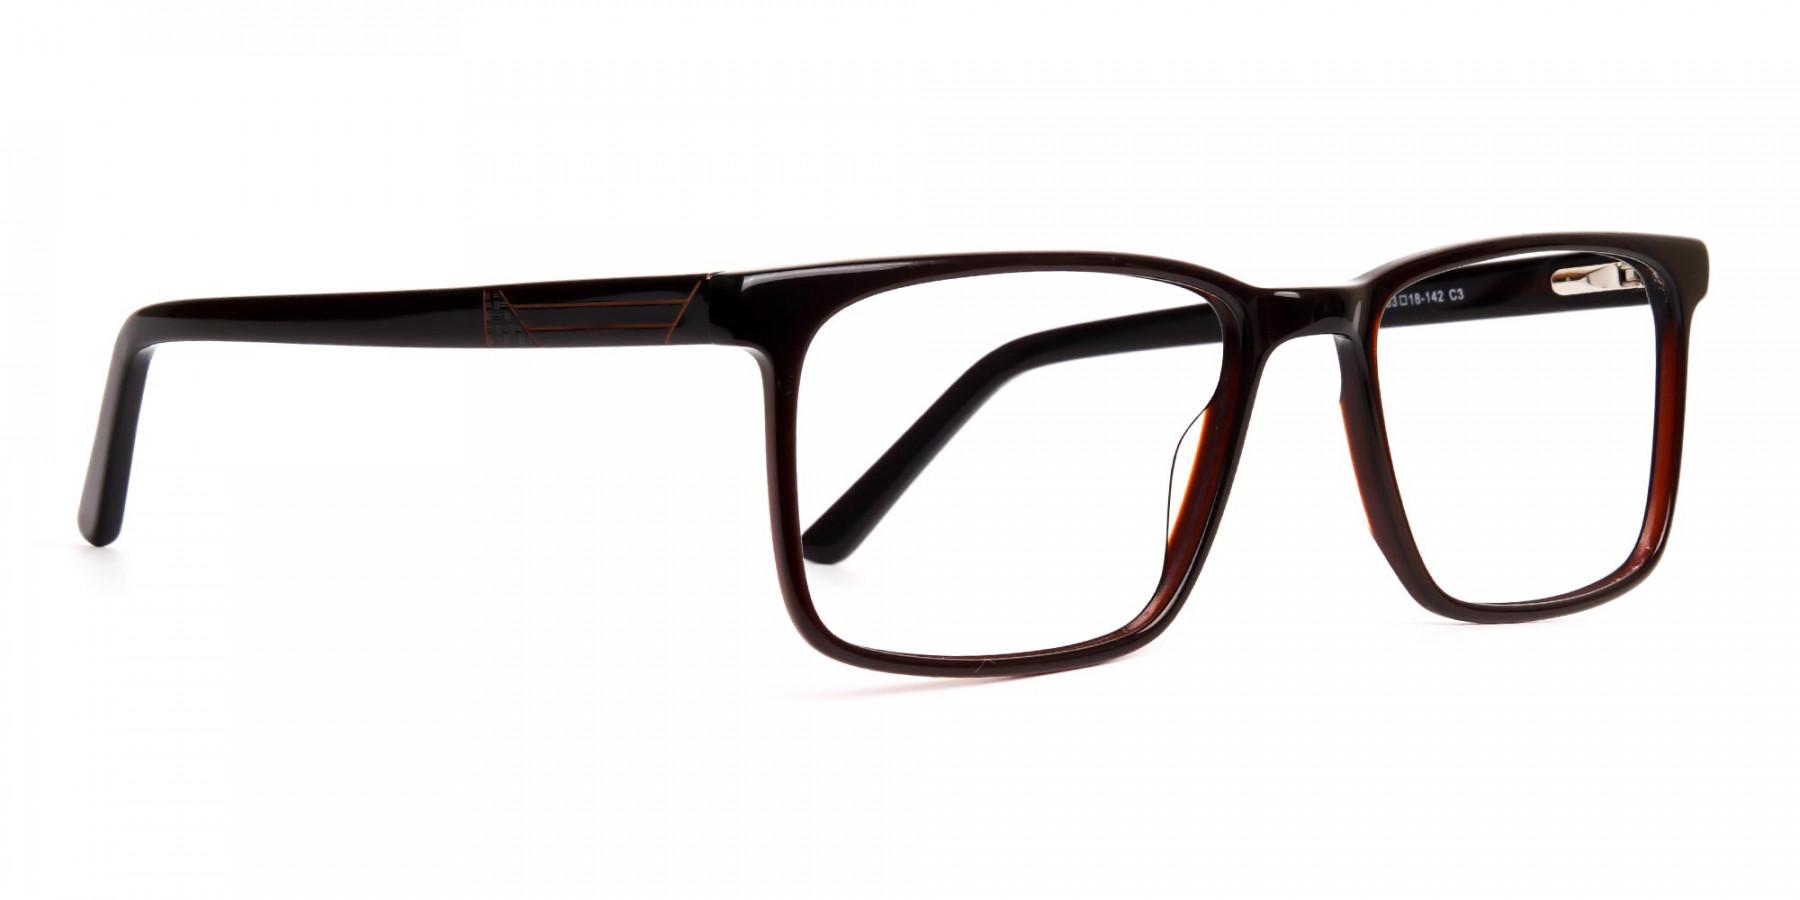 designer-dark-brown-rectangular-glasses-frames-1